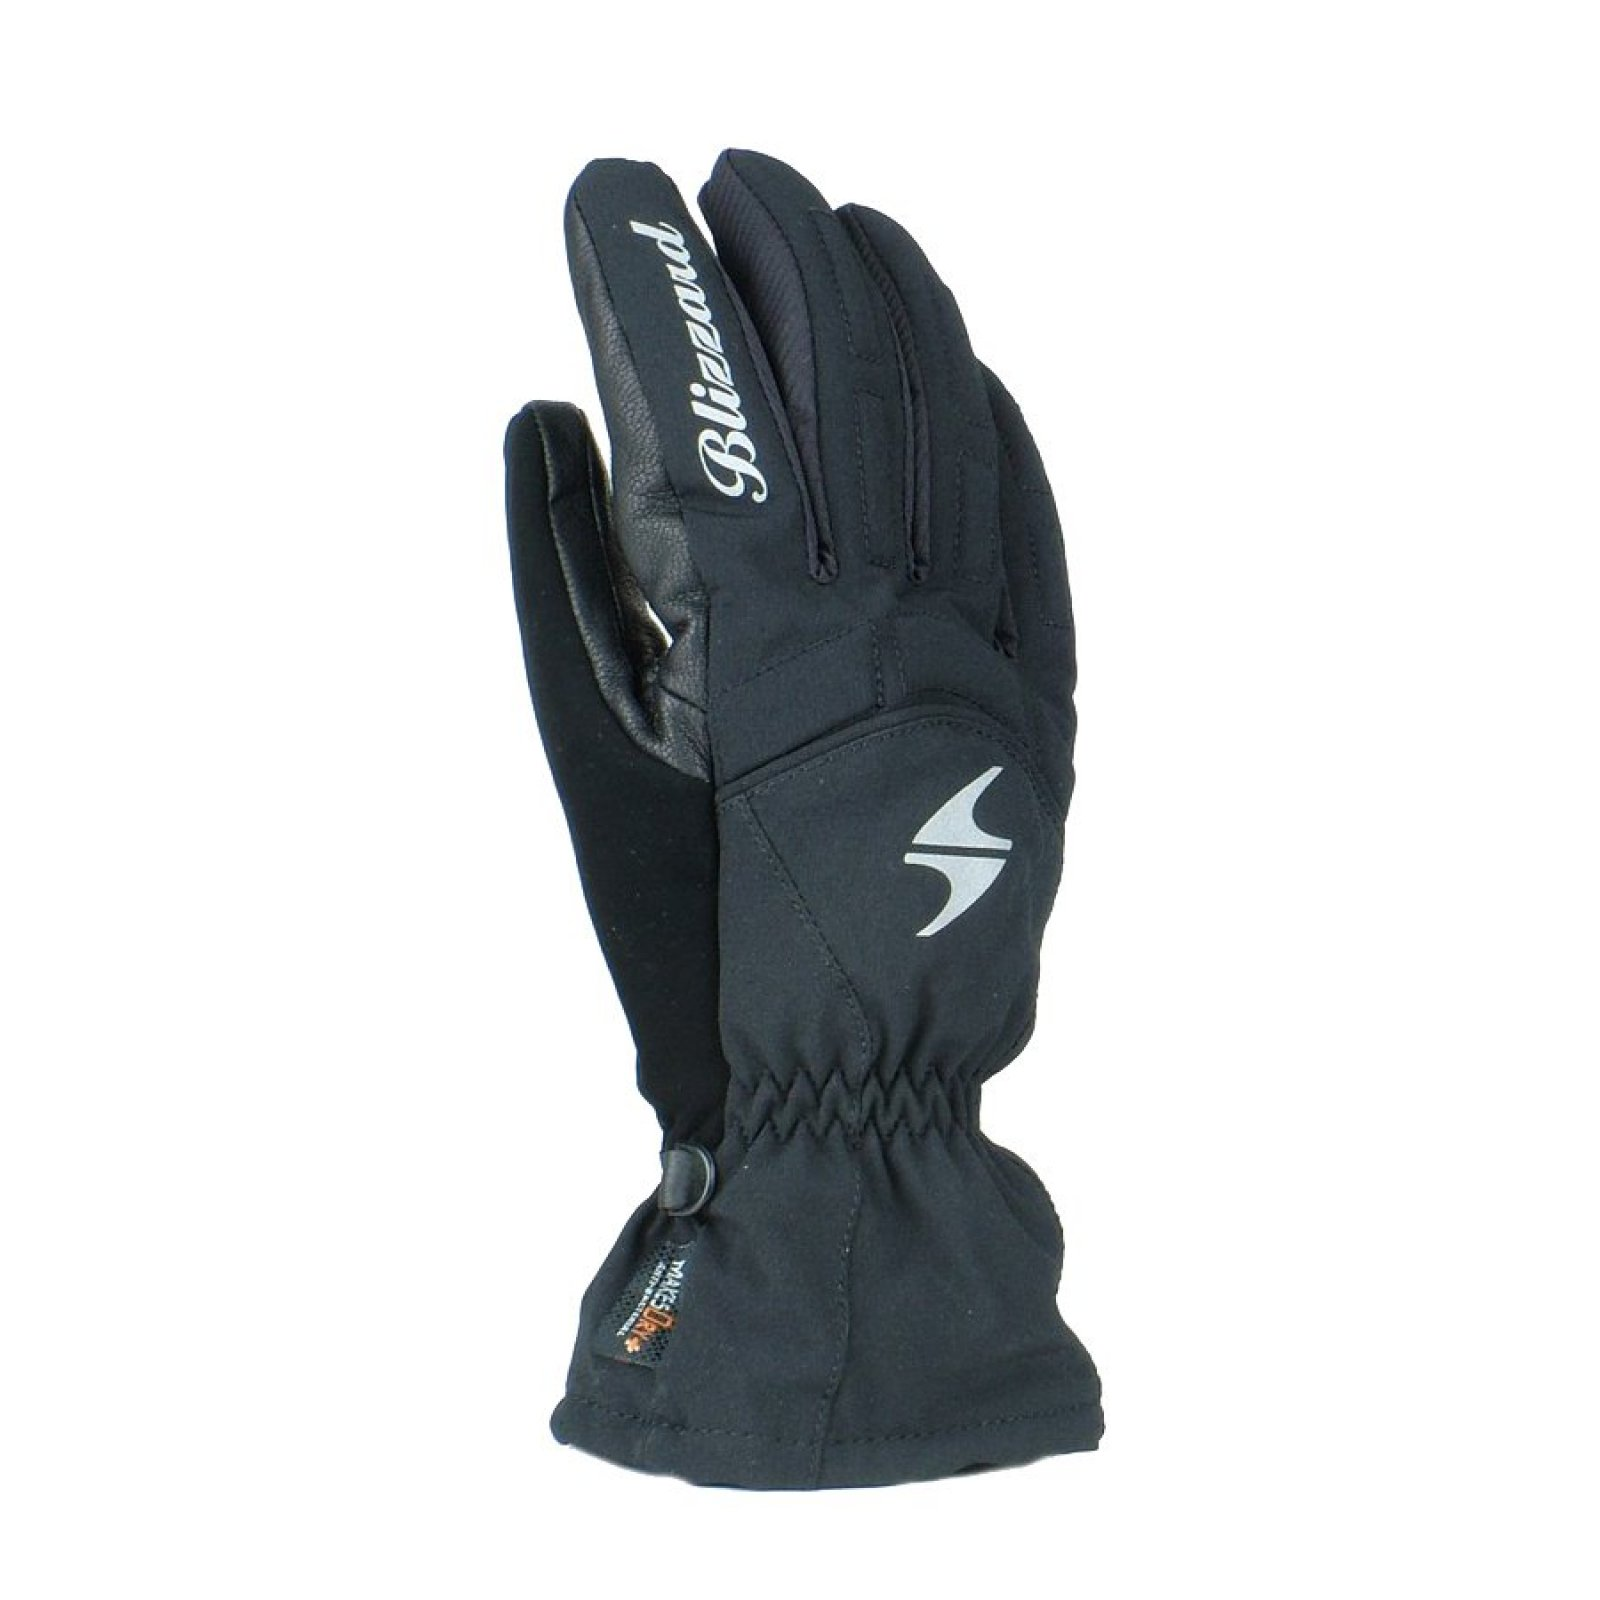 266af7a6a Blizzard Professional Ski Gloves W - Actisport.sk